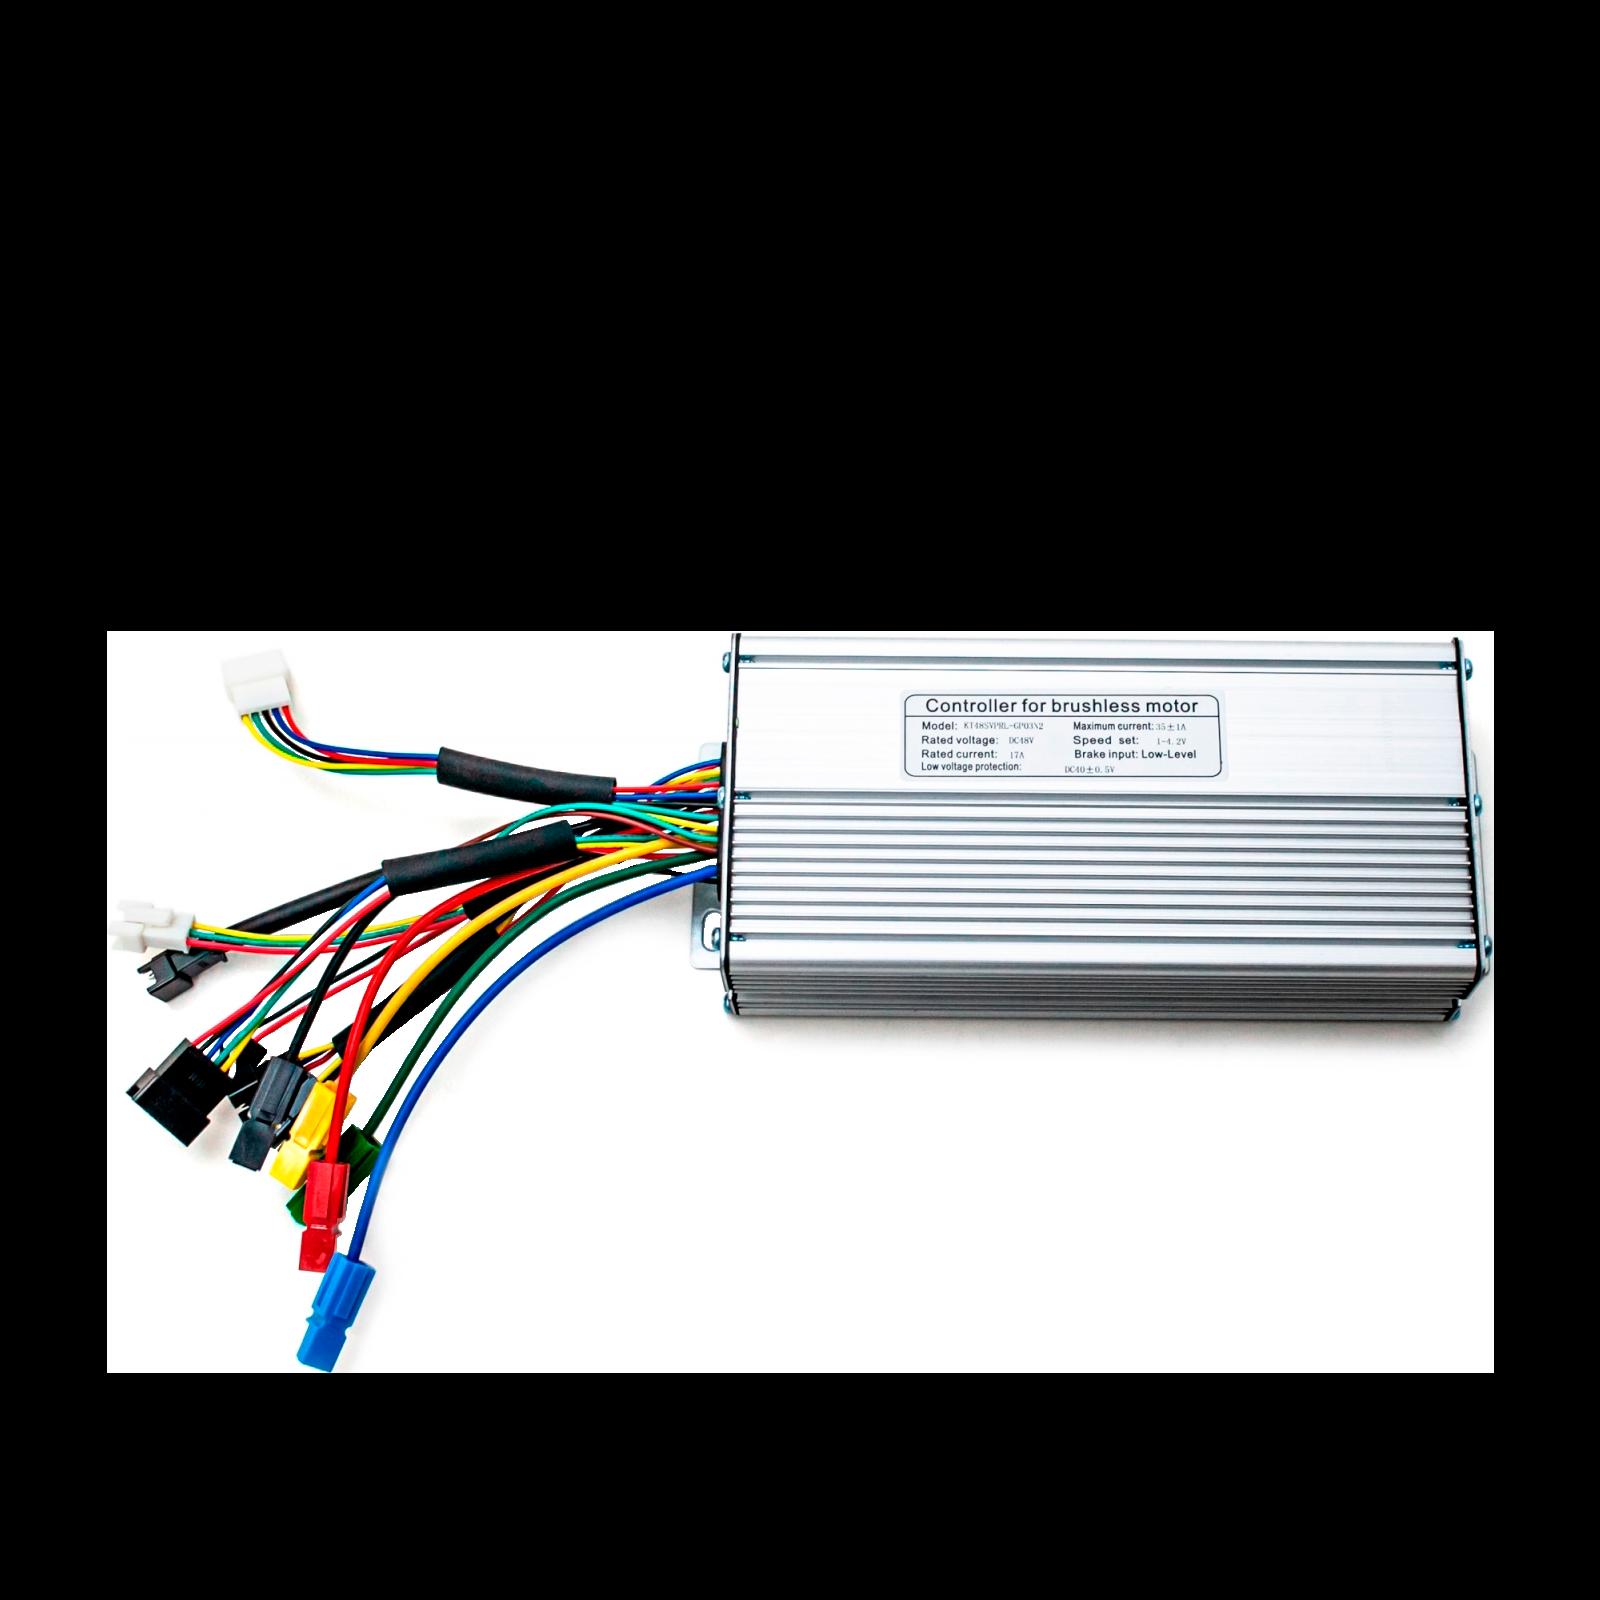 48В 1500Вт LCD контролер для електровелосипеда